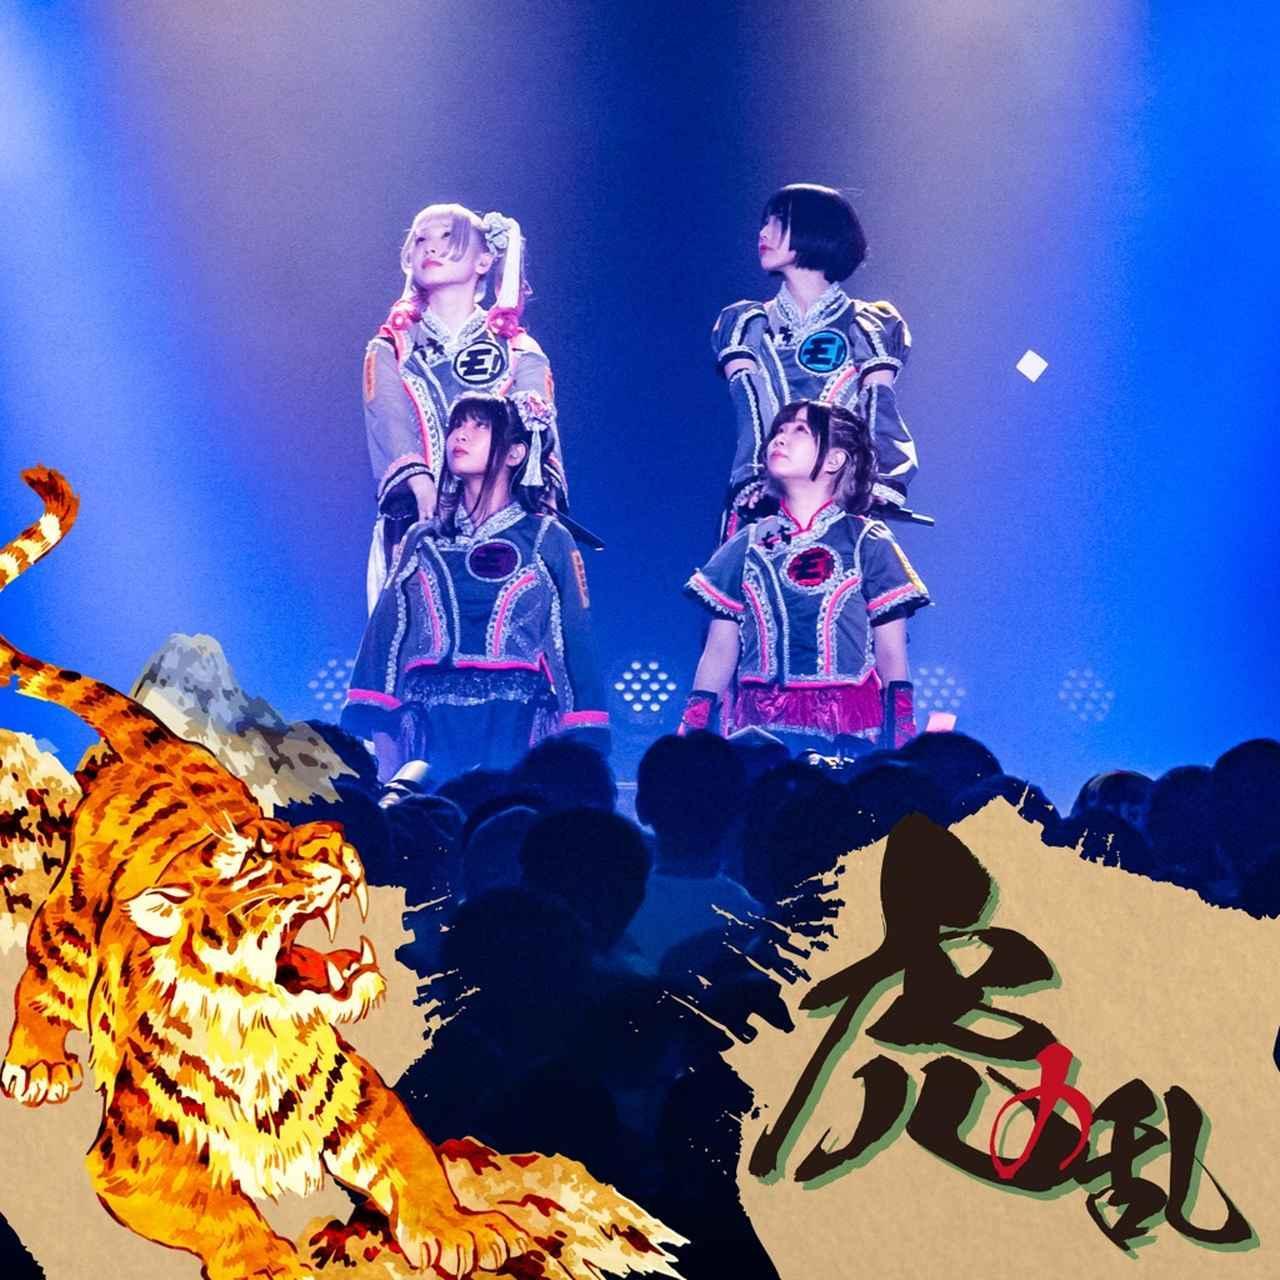 画像: ゆるめるモ! 酔拳ツアーWファイナル 大阪・虎の乱 at ZEPP NAMBA / ゆるめるモ!